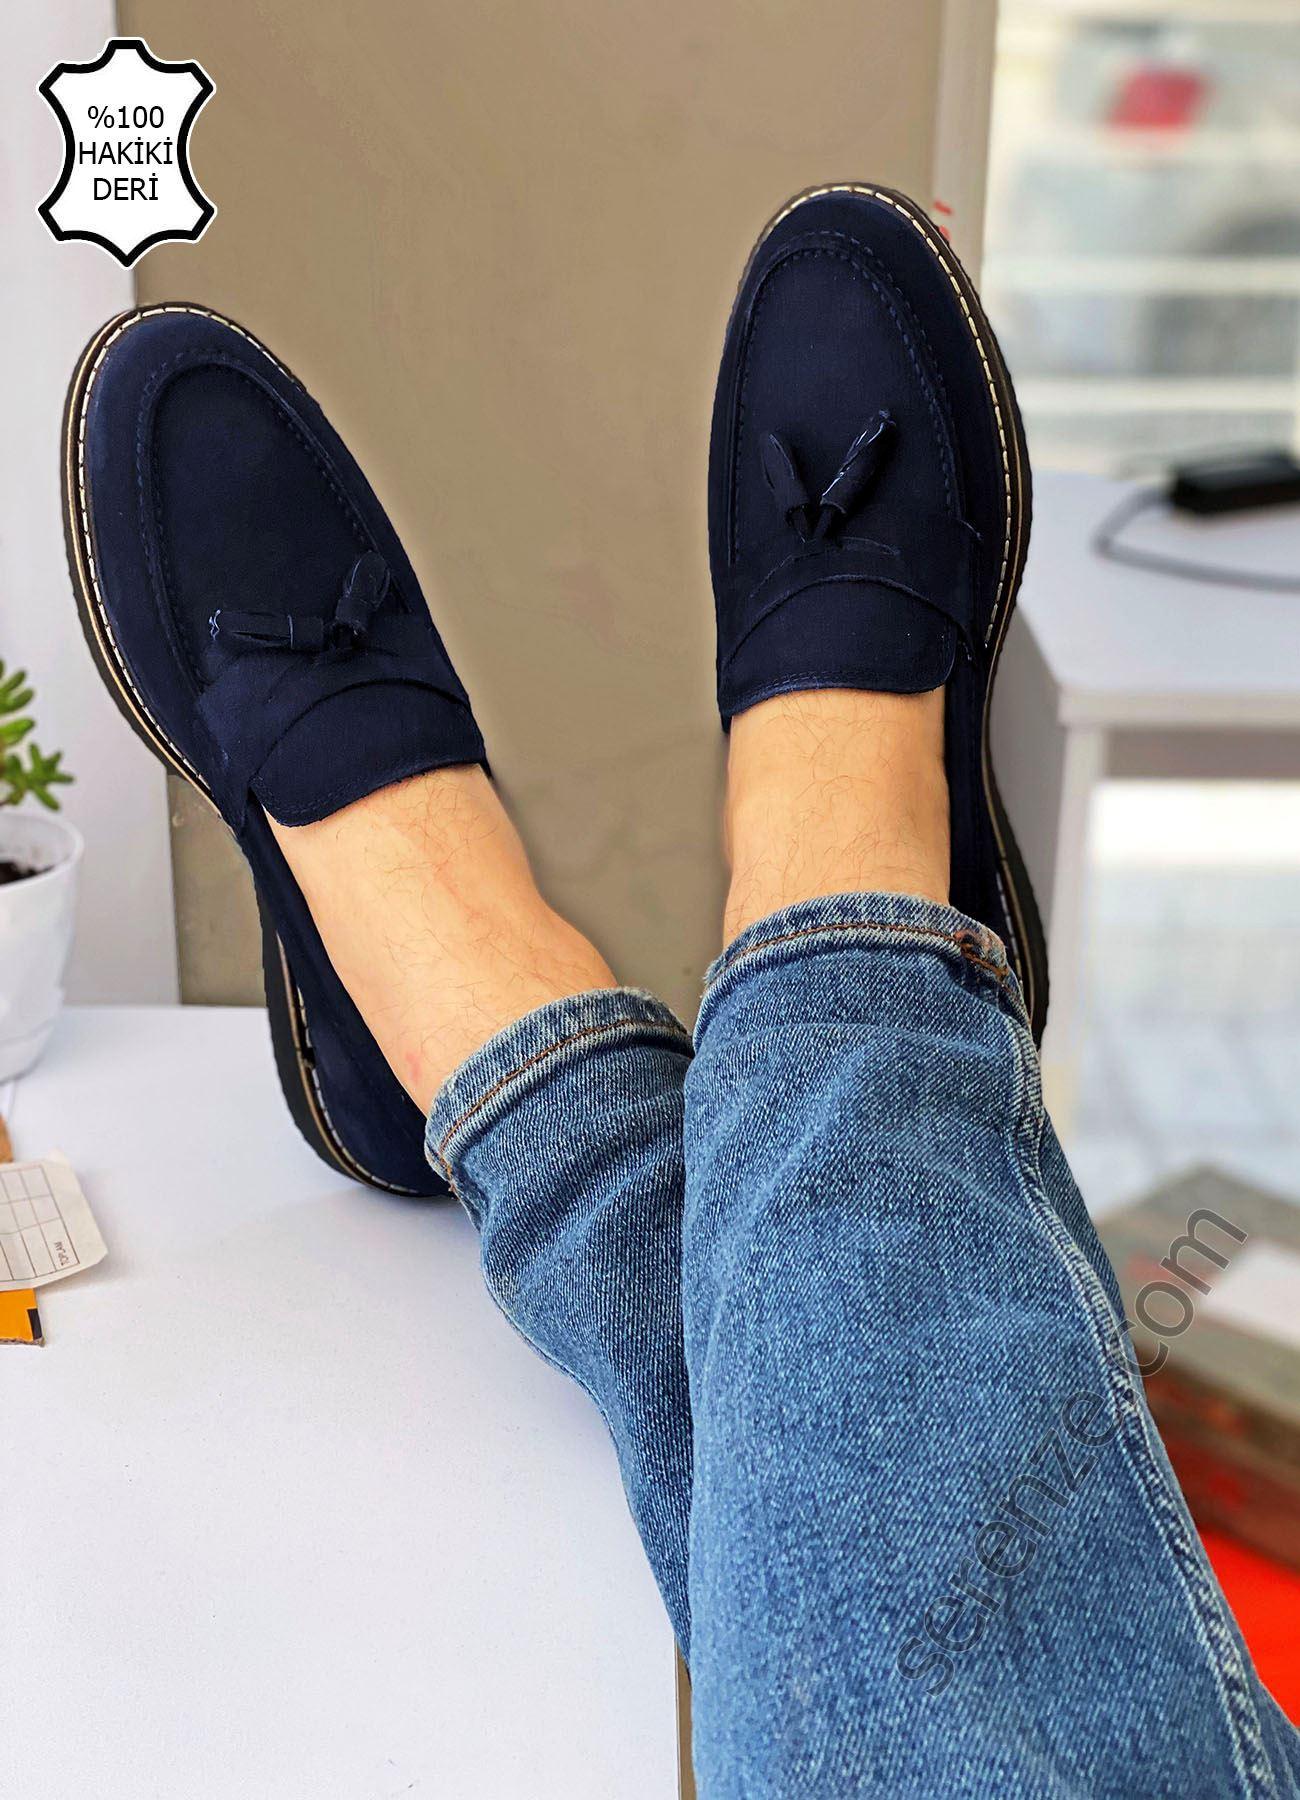 Lacivert Nubuk Hakiki Deri Püsküllü Erkek Klasik Ayakkabı